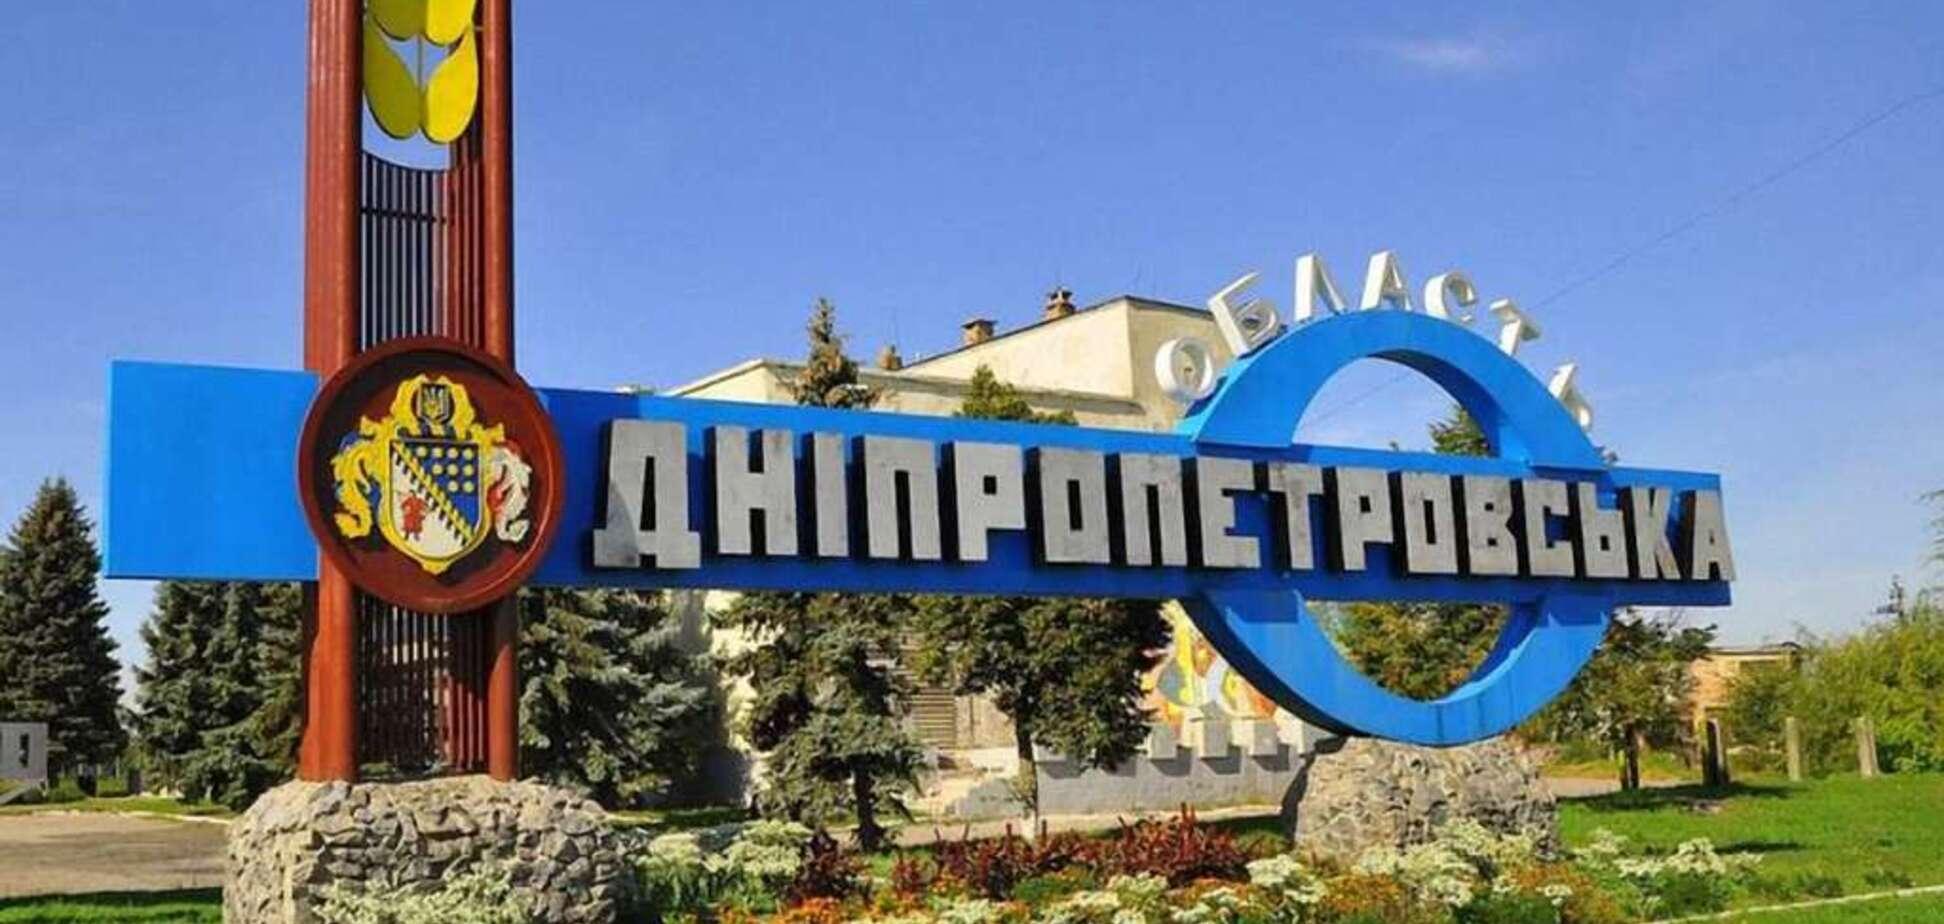 Перейменування двох областей України може зірватися: названа причина